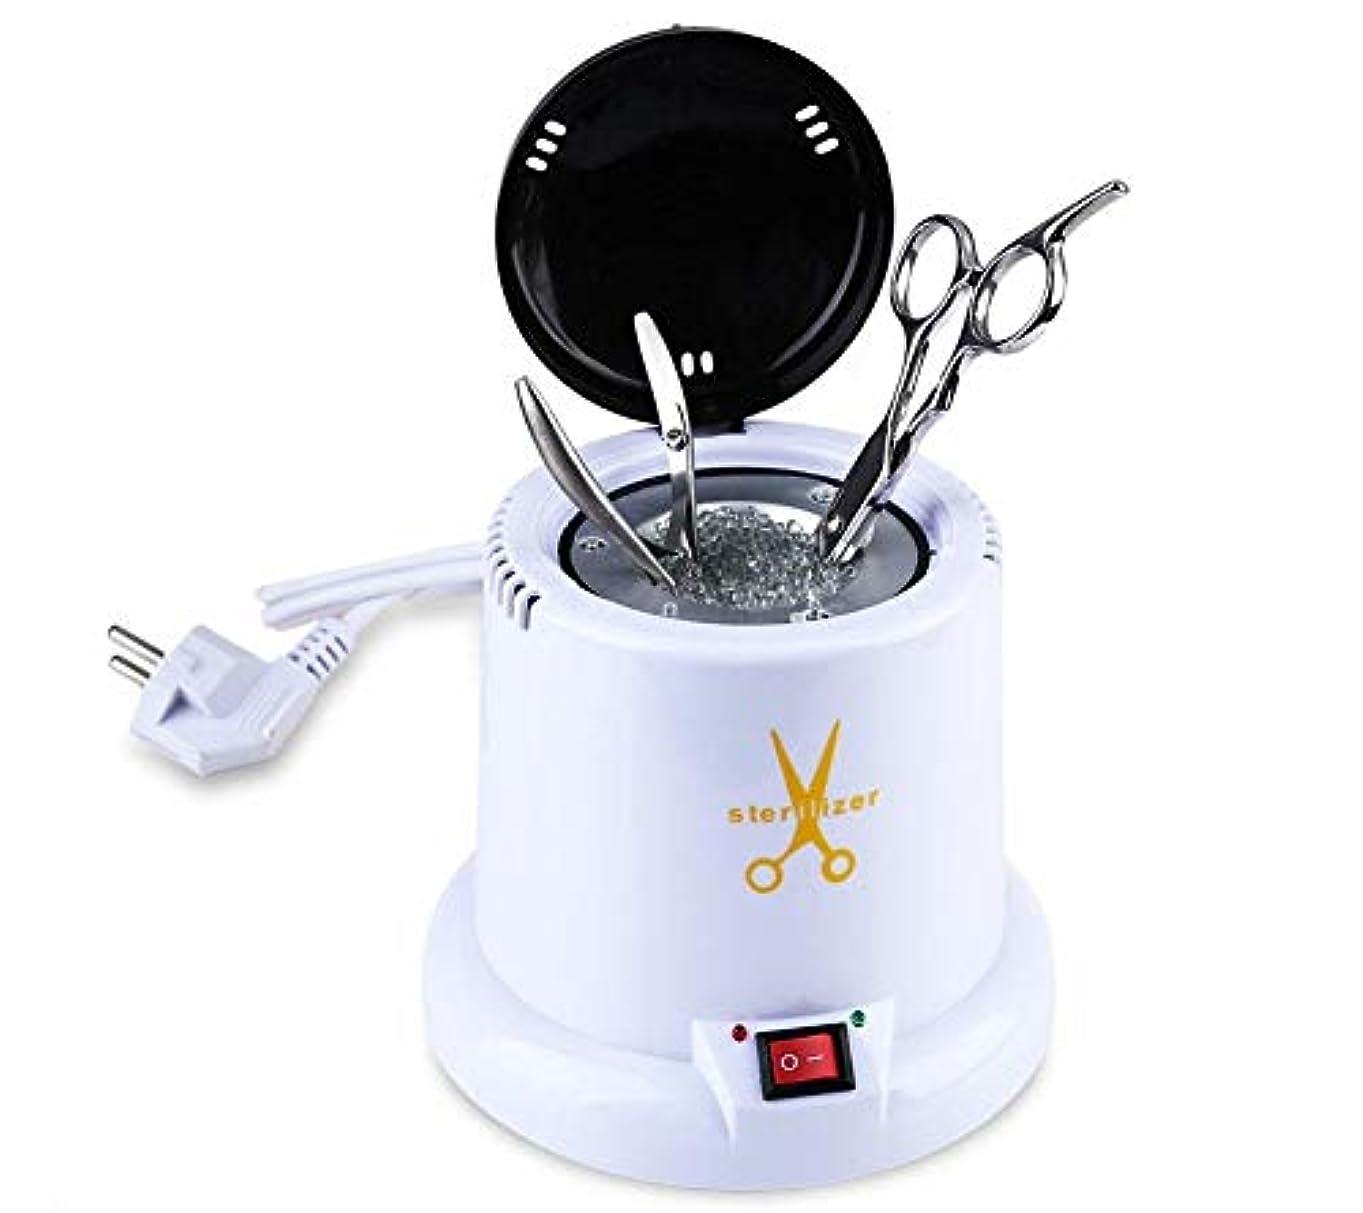 鋼風倫理的釘の芸術のための釘の滅菌装置の高温金属のニッパーピンセット用具のきれいなSterilizerpot用具